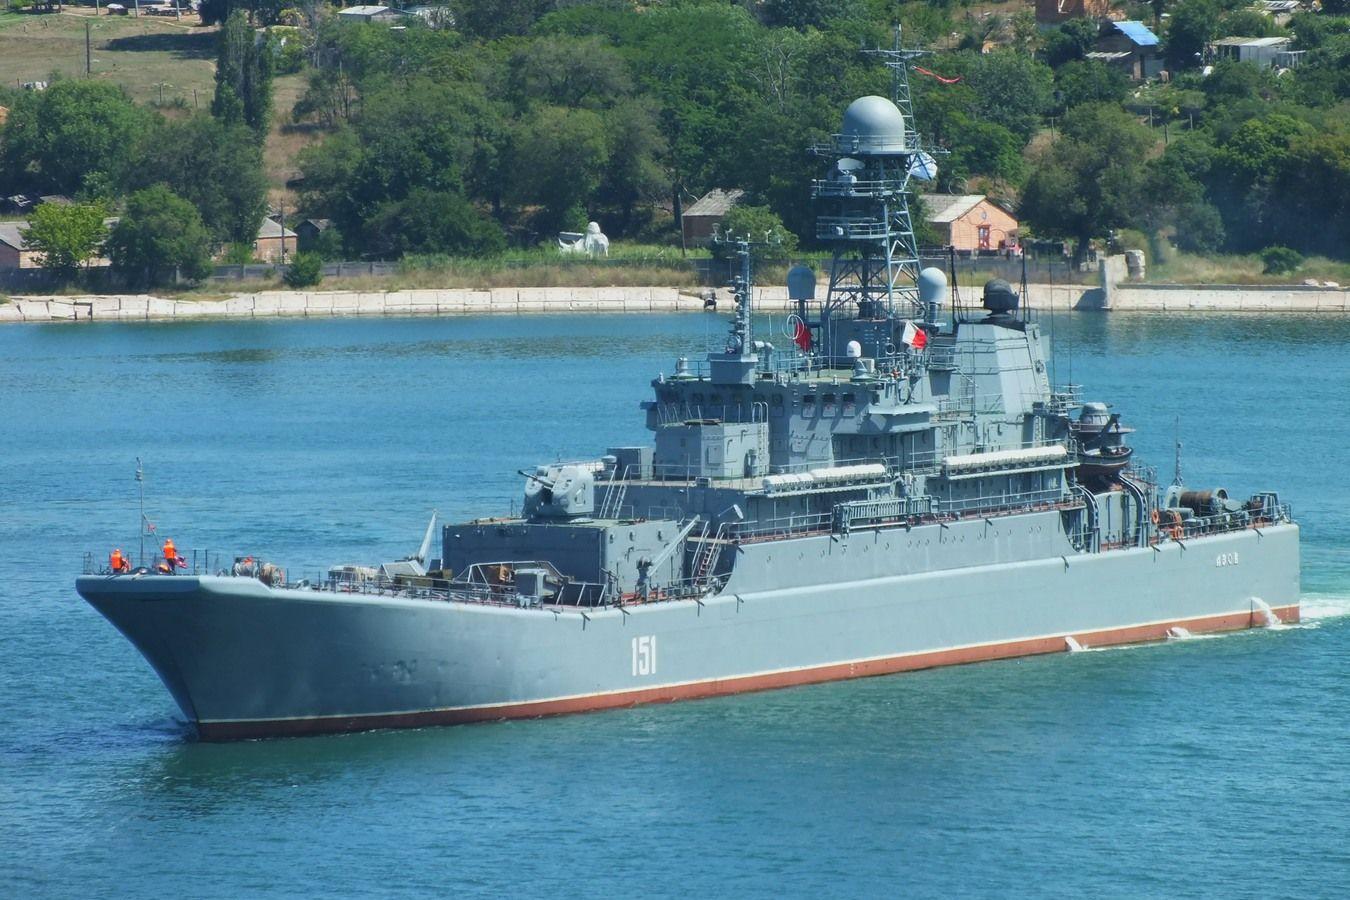 Донская делегация примет участие в праздновании Дня ВМФ в Севастополе